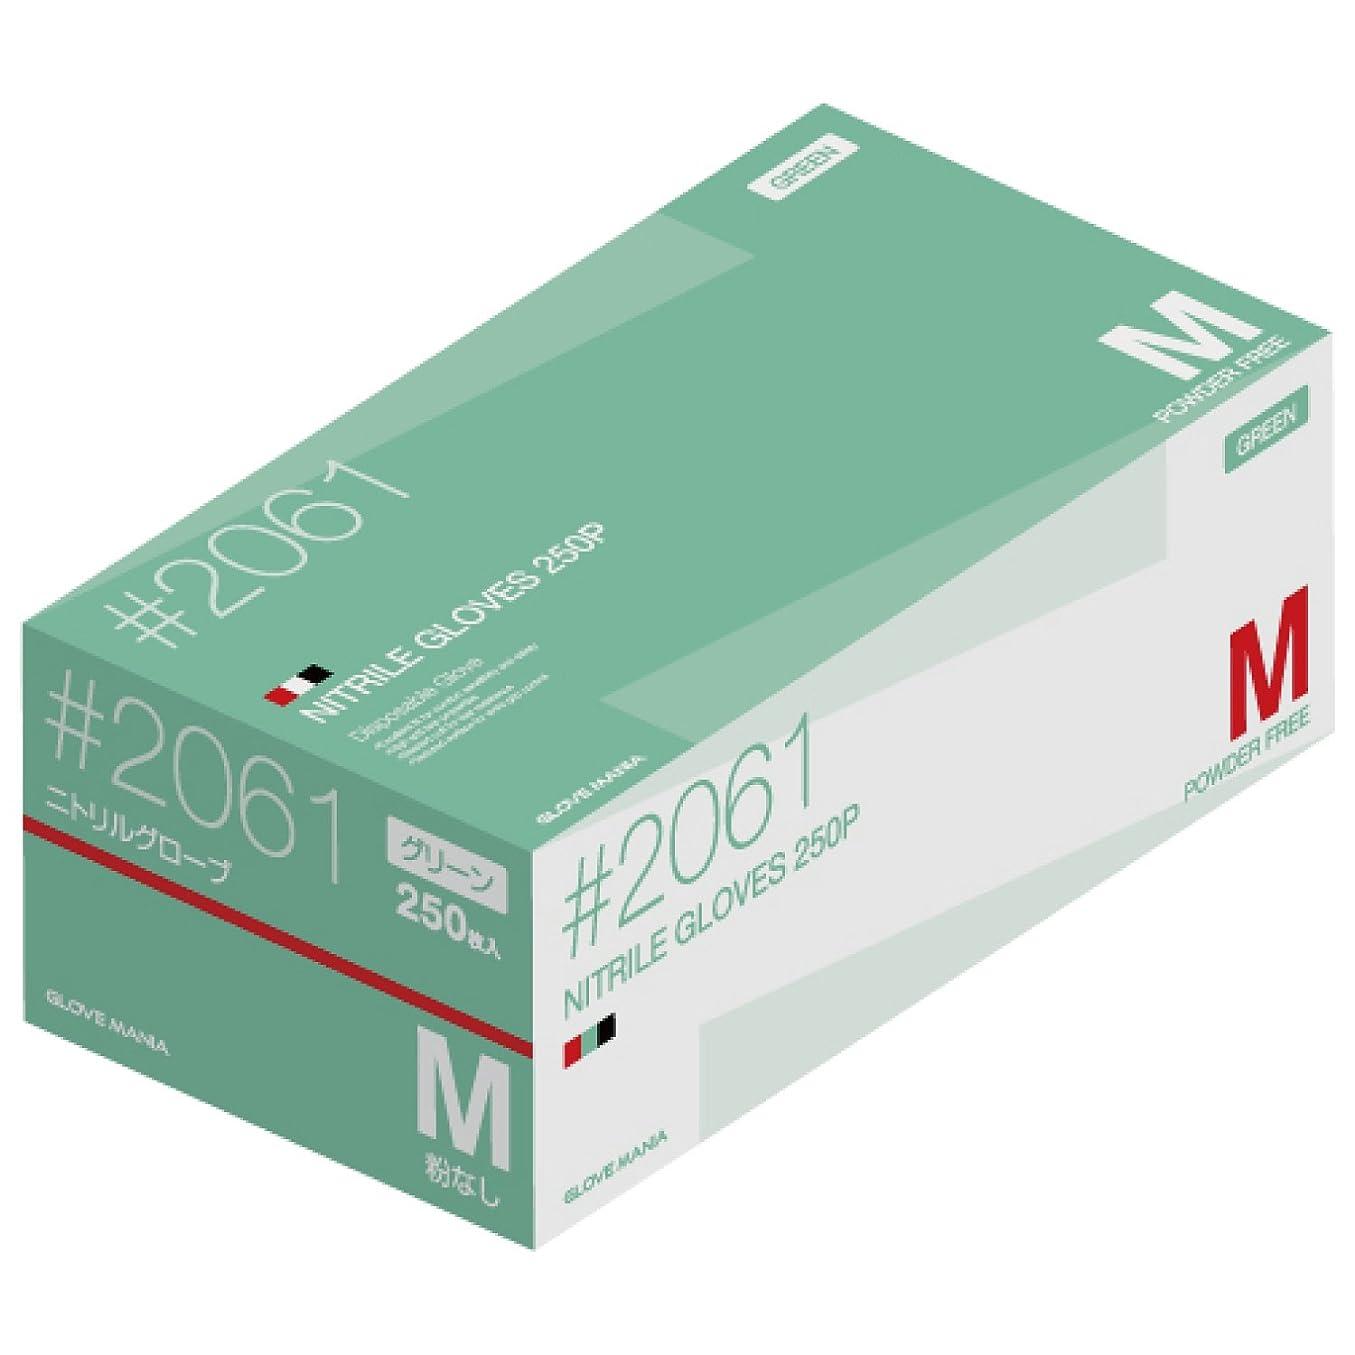 に対応するモジュール脳GLOVE MANIA ニトリル使い切り手袋 粉無 グリーン 250枚入 M #2061GR-M